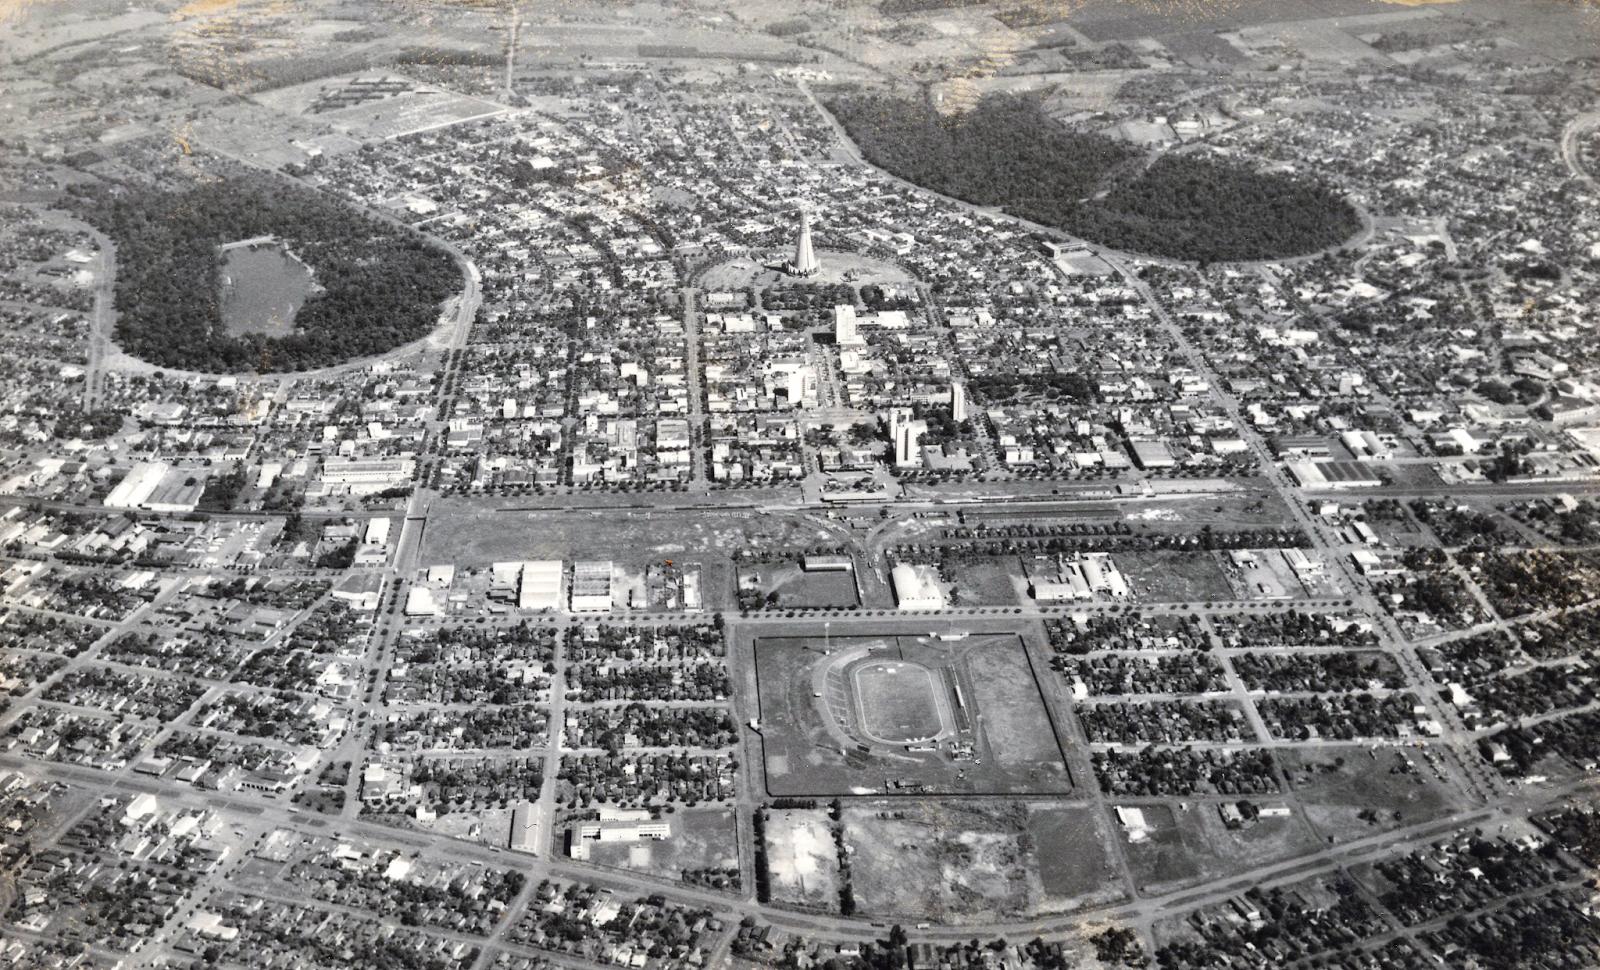 Vista aérea - 1972